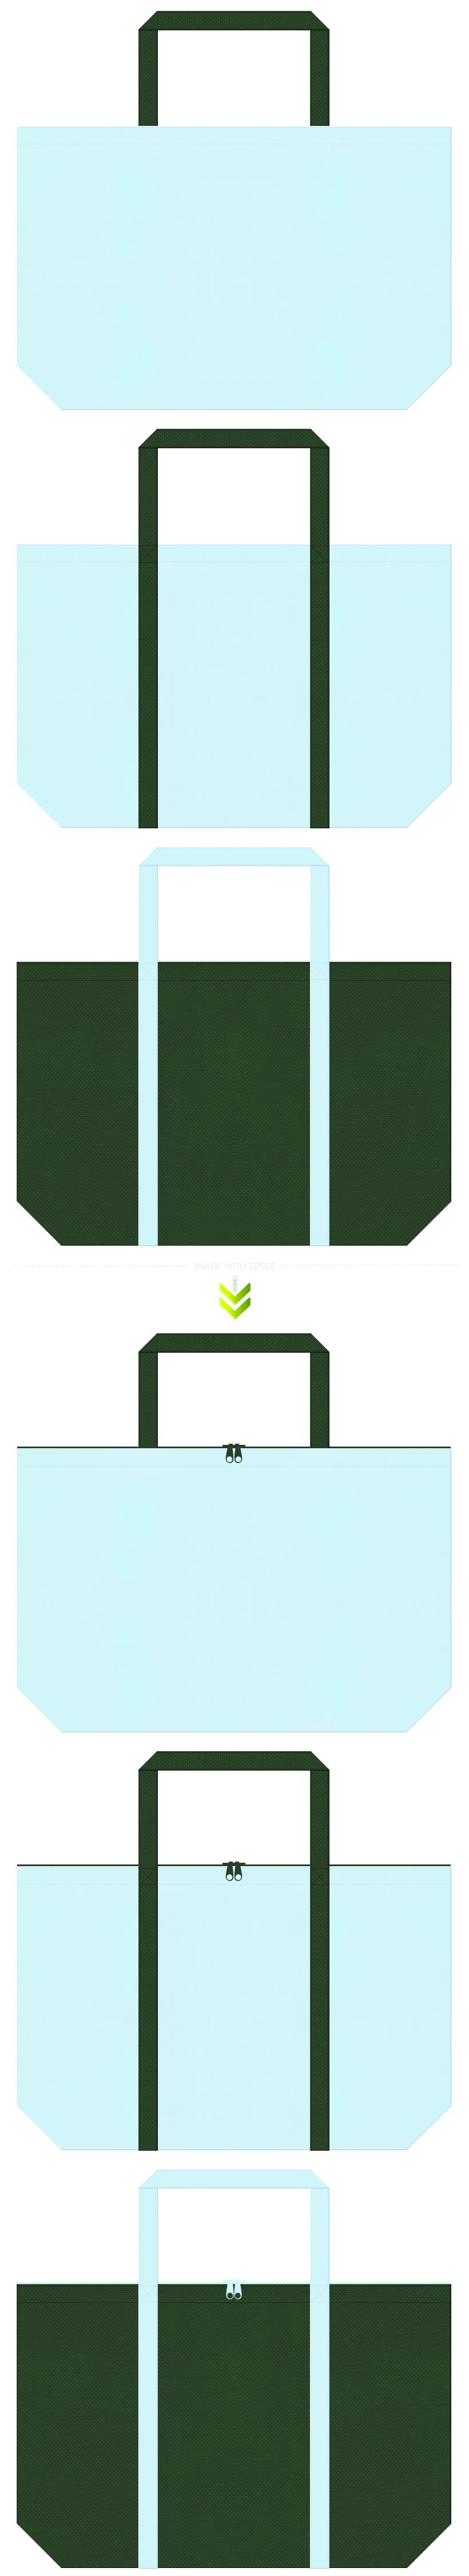 ミント・クール・CO2削減・環境イベント・医療機器・医薬品・歯科用品の展示会用バッグにお奨めの不織布バッグデザイン:水色と濃緑色のコーデ